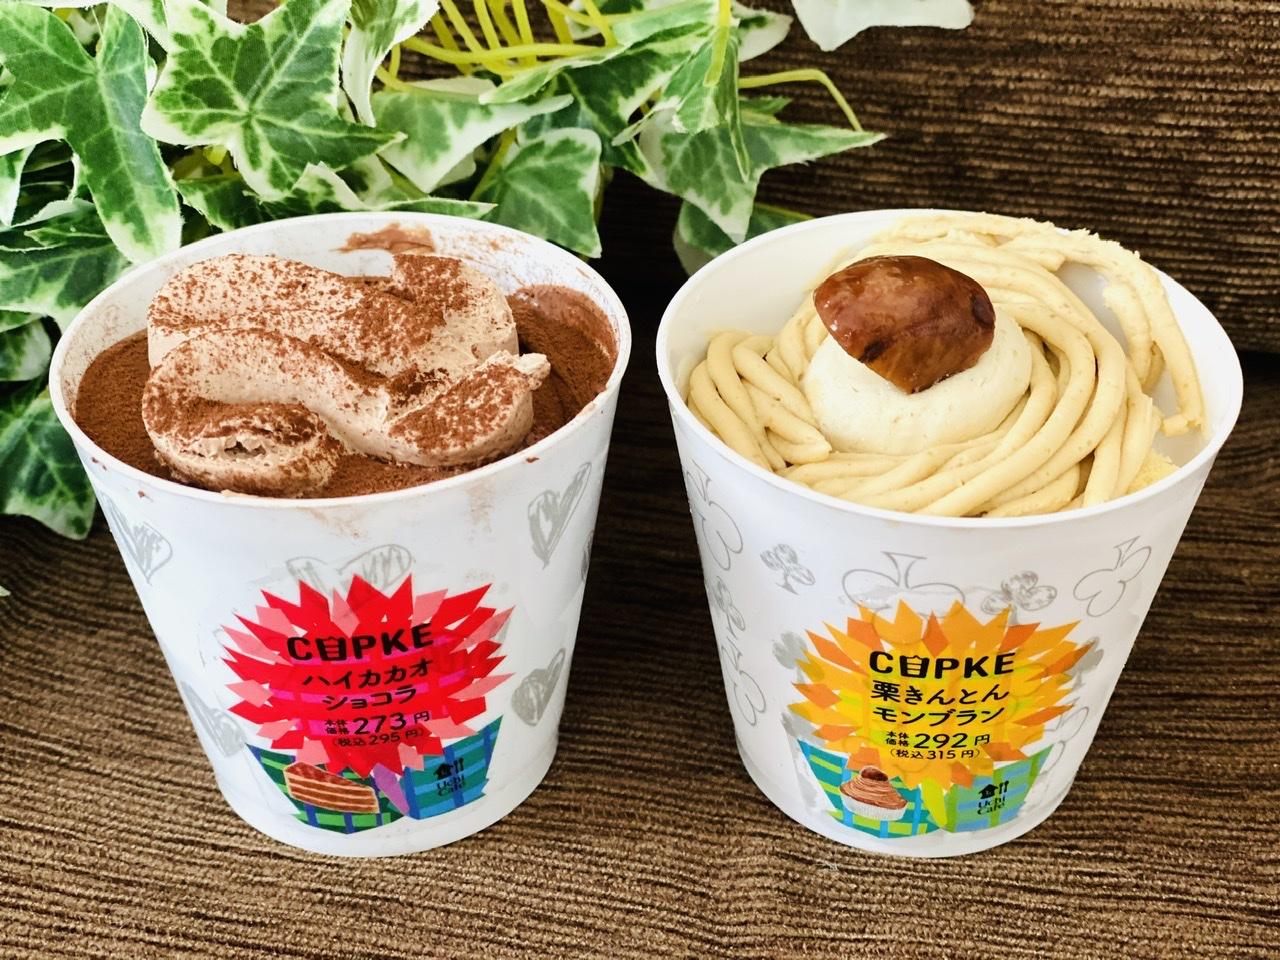 【ローソンスイーツ】可愛すぎて2つ買い♡《CUPKE(カプケ)》から夏の新作3品登場!_2